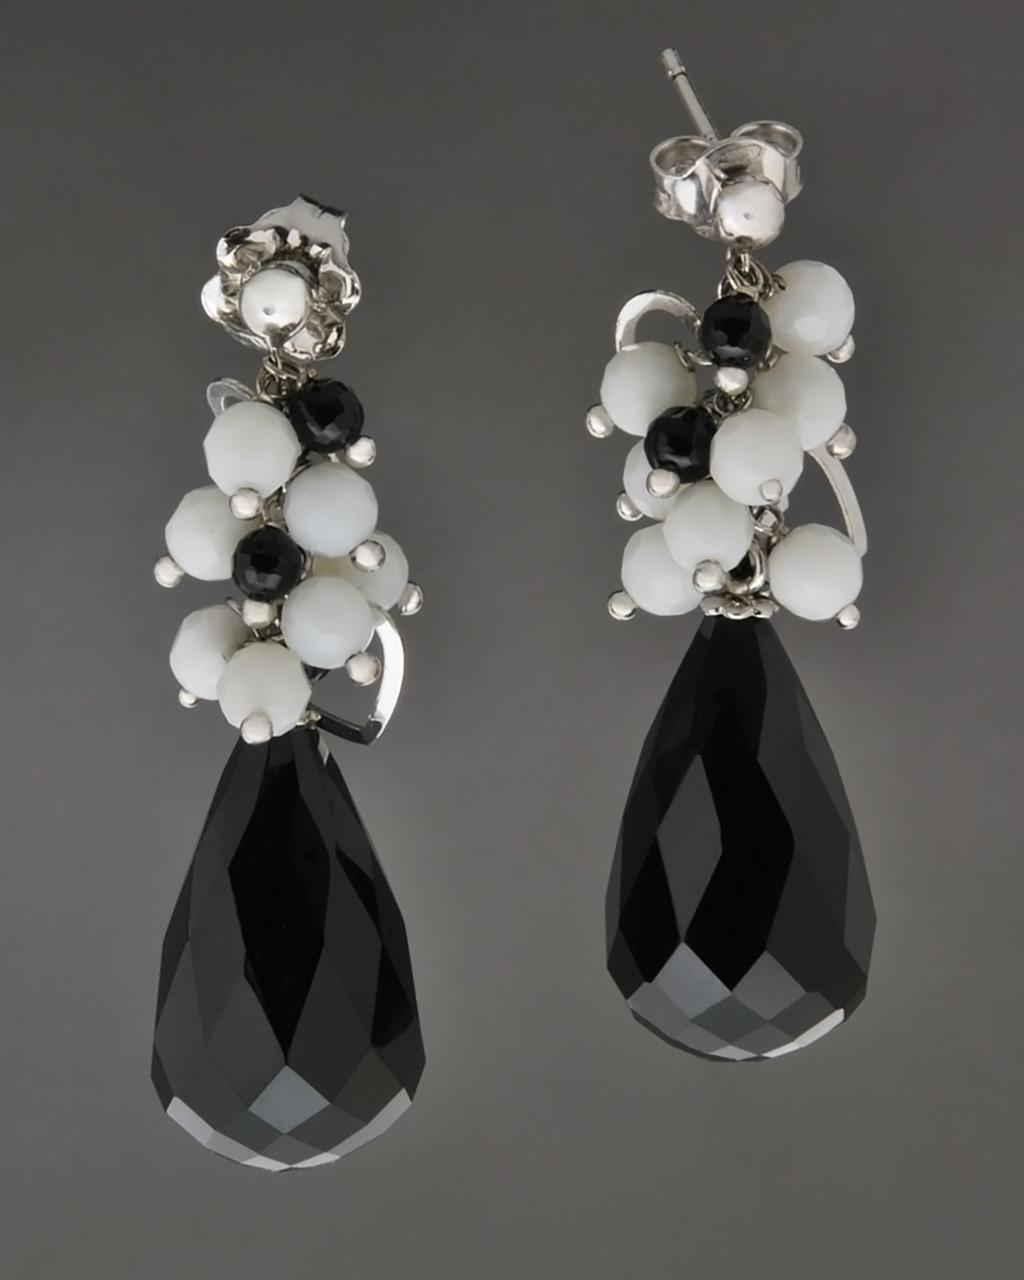 Σκουλαρίκια λευκόχρυσα Κ18 με όνυχα   γυναικα σκουλαρίκια σκουλαρίκια ημιπολύτιμοι λίθοι